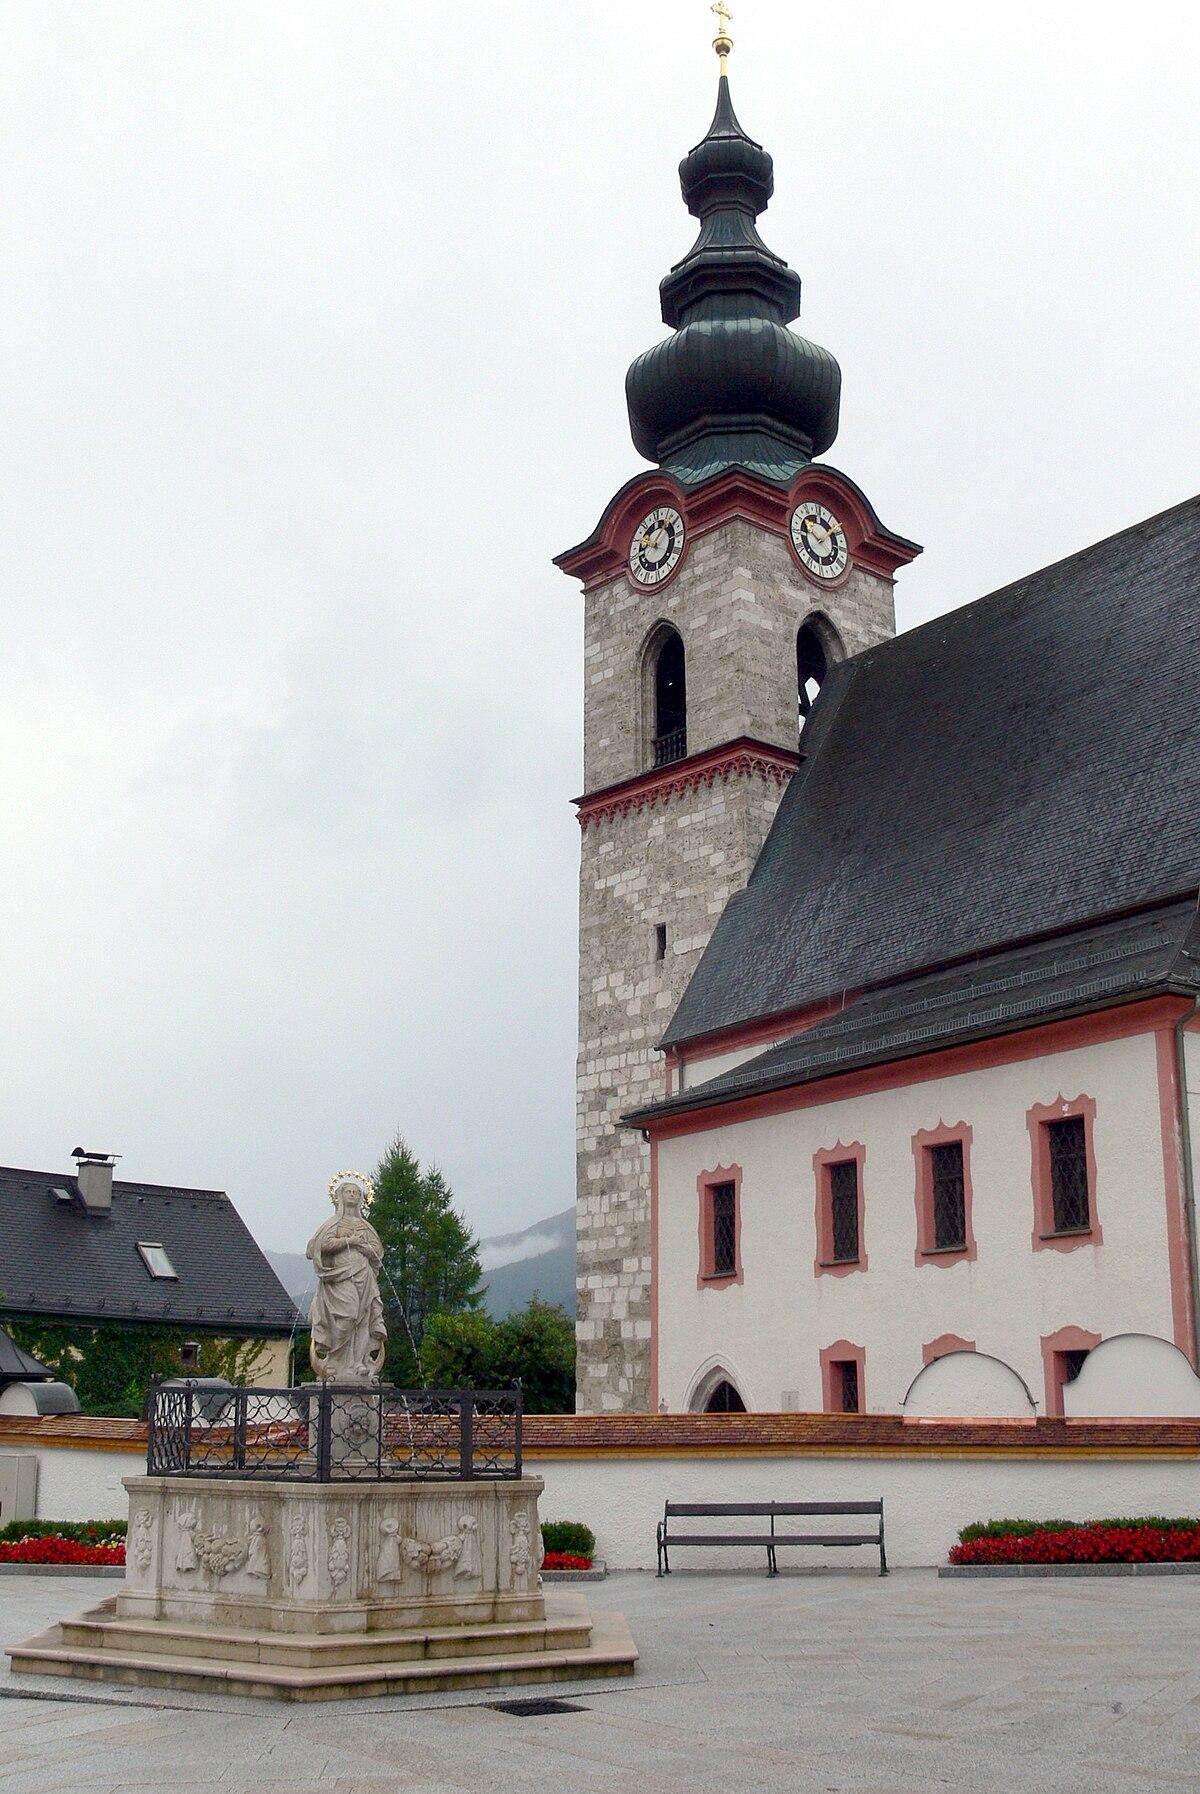 7. Internationales Oldtimer-Traktorentreffen im Salzburger